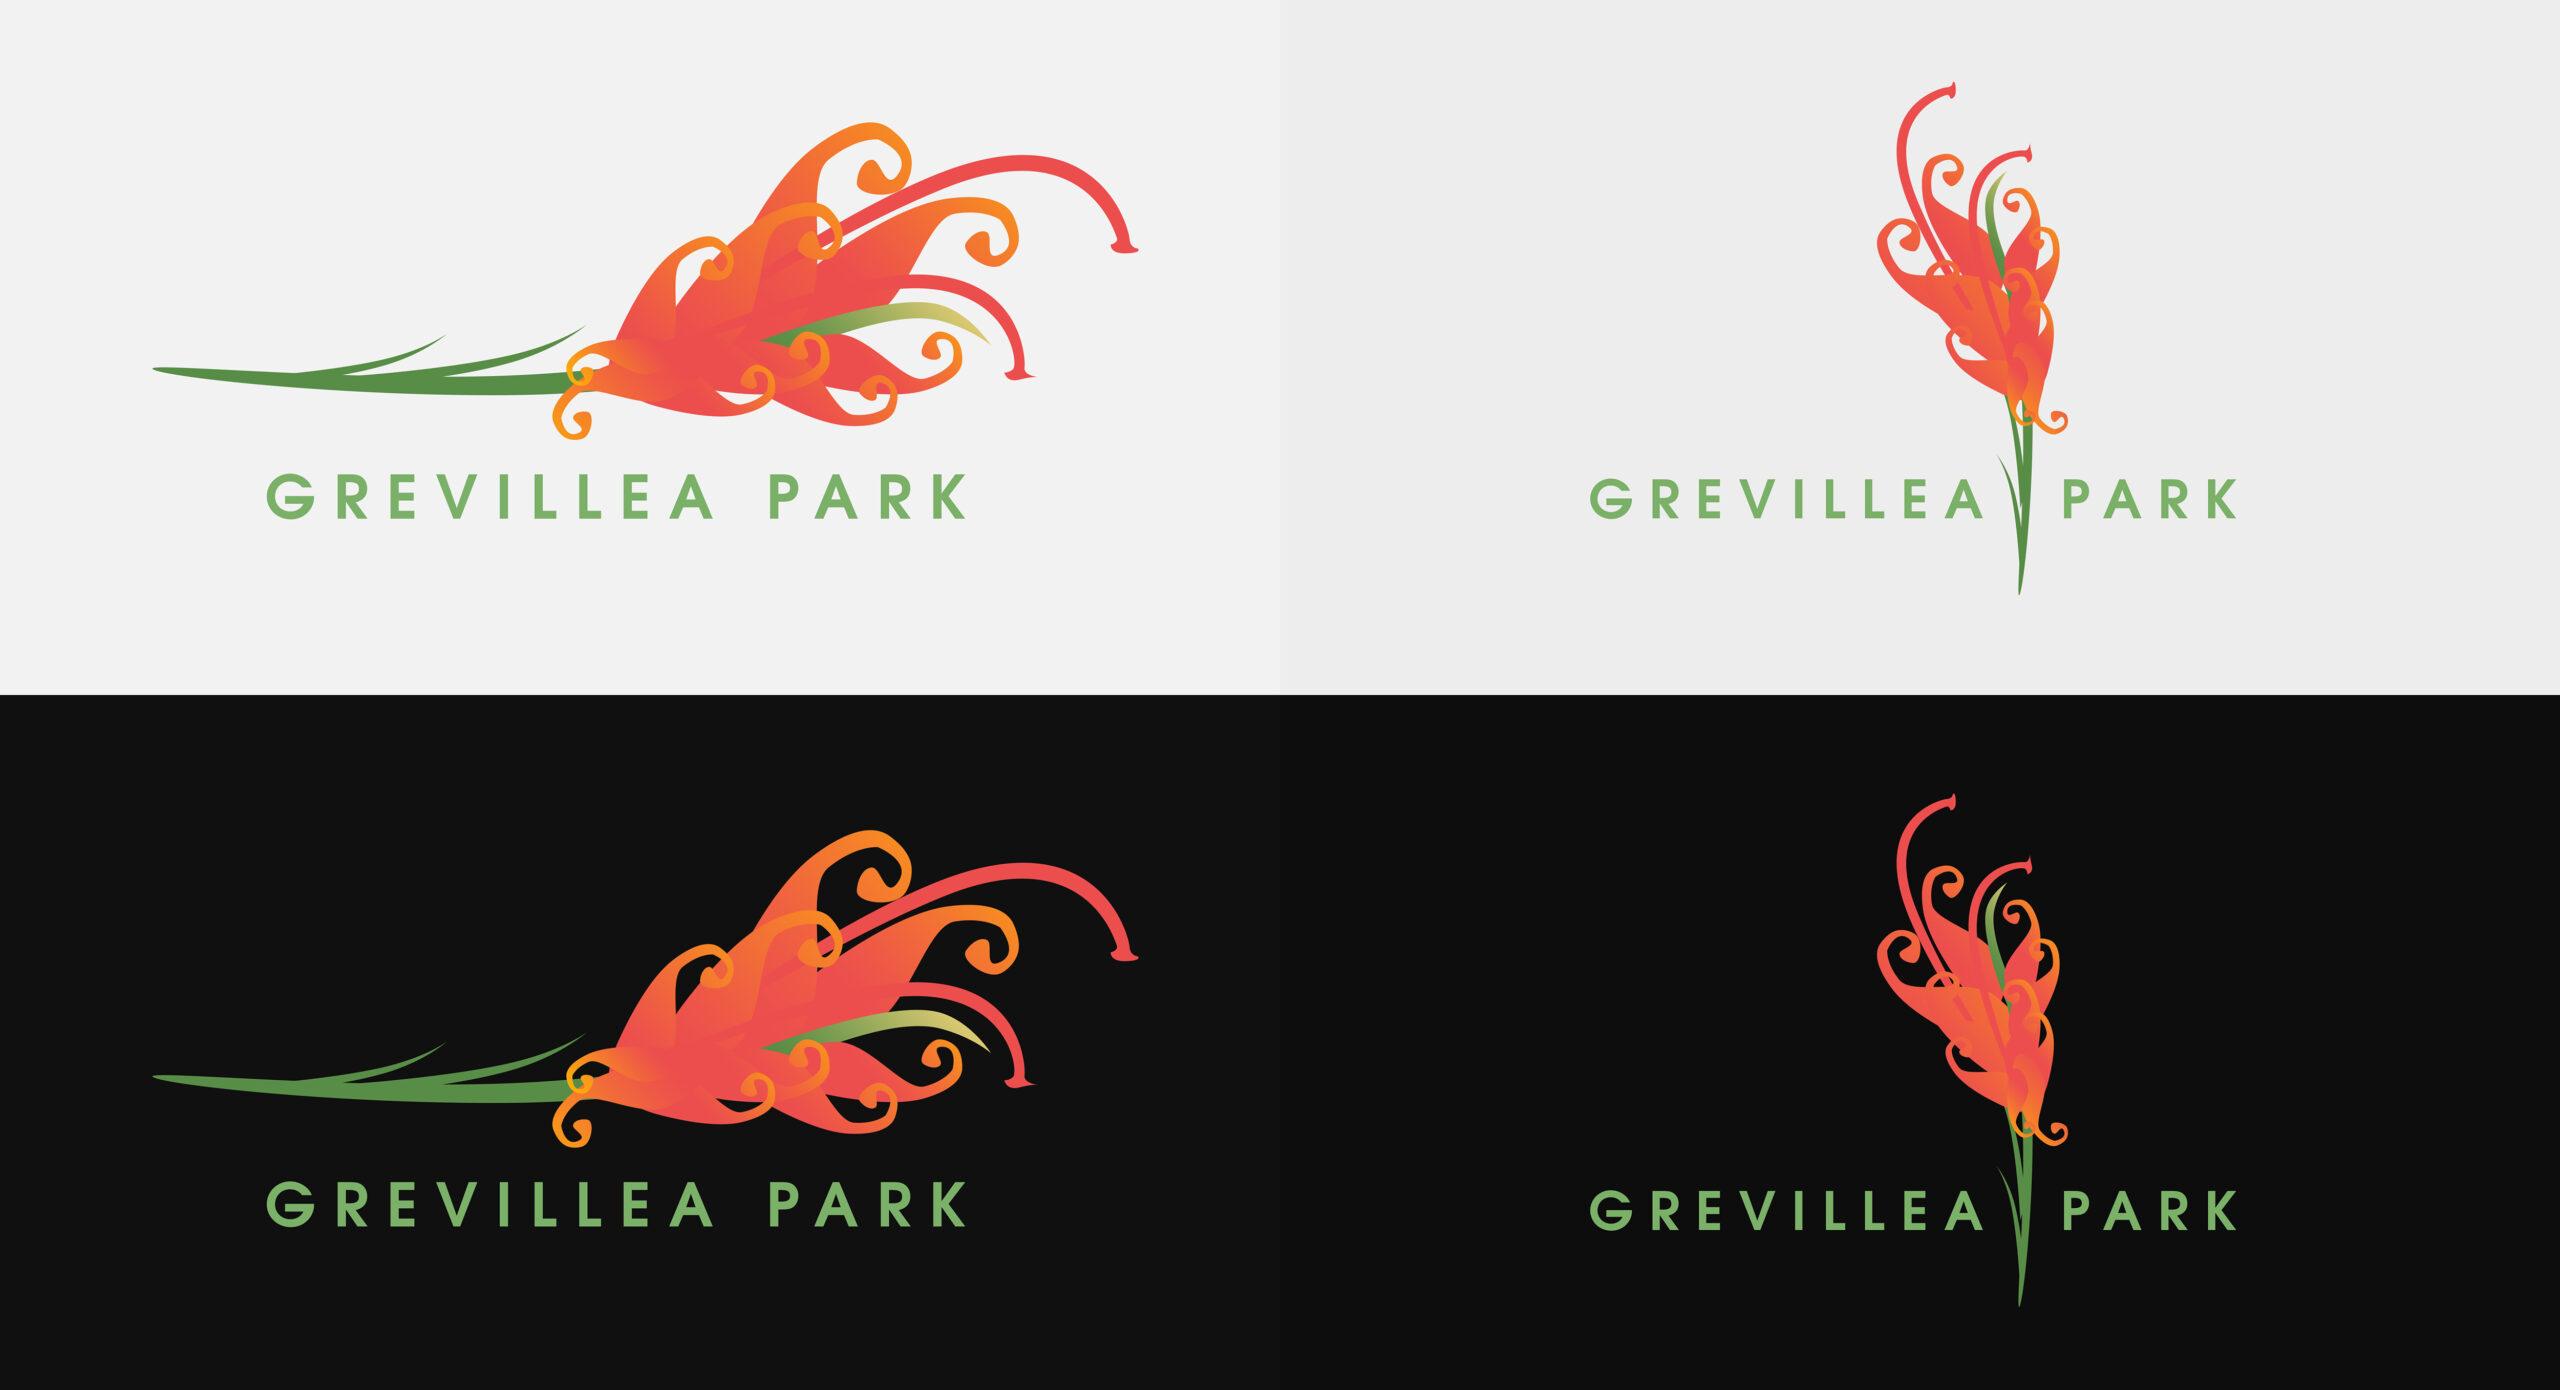 grevillea-park-logo-variants